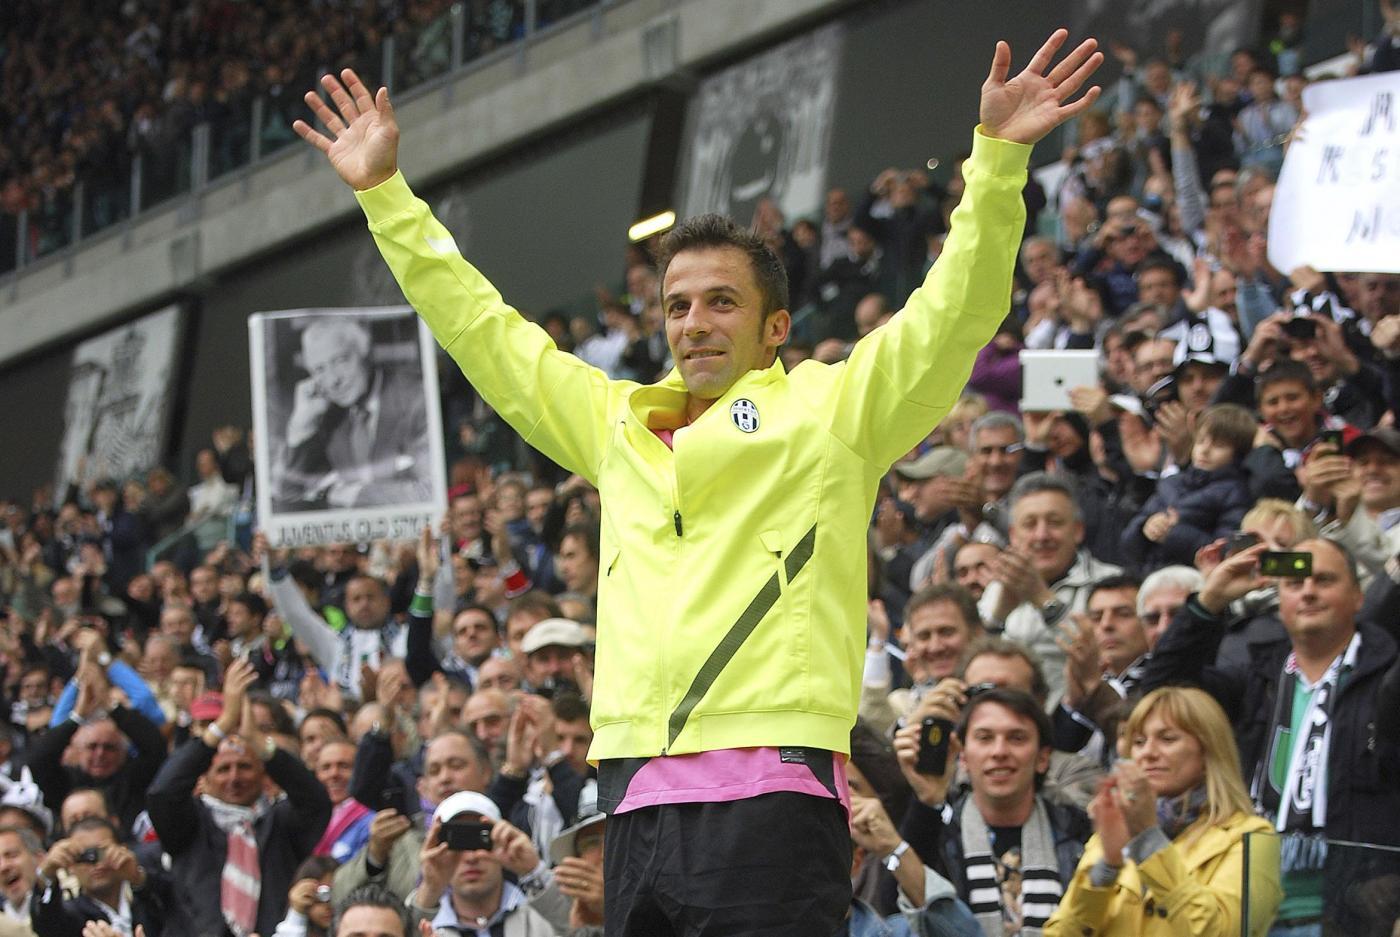 Un anno fa l'addio di Del Piero alla Juventus (VIDEO/FOTO)